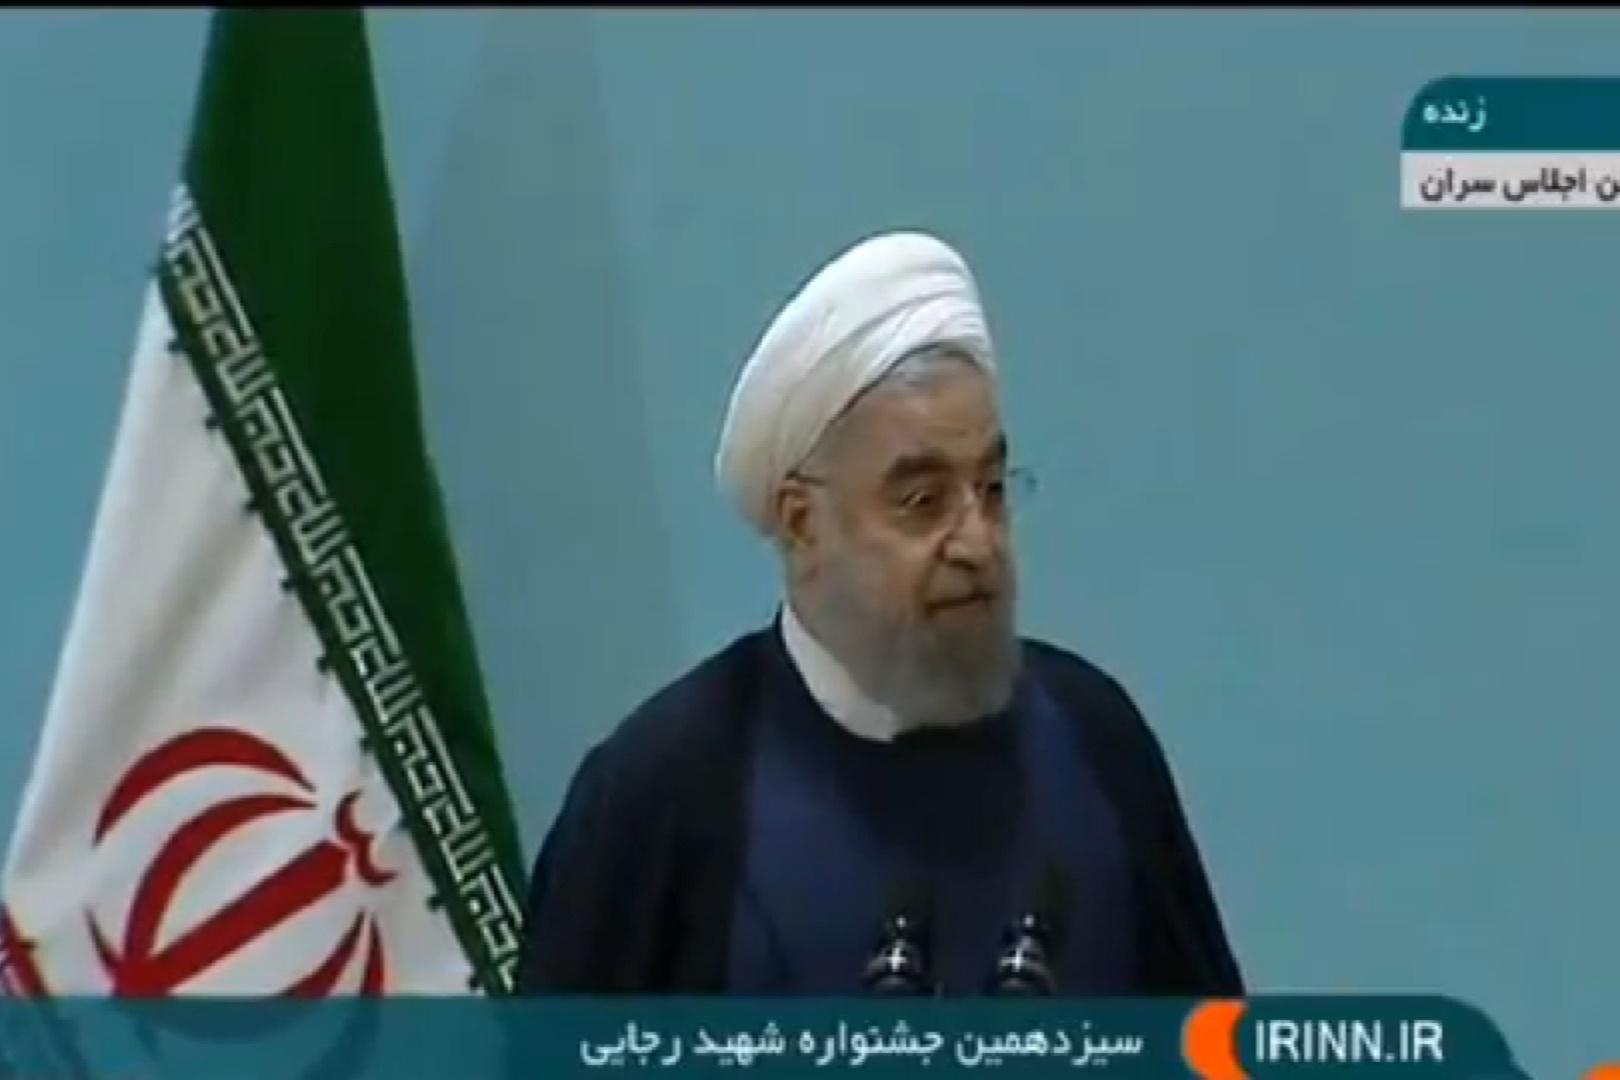 فیلم   روحانی: کسی نباید بگوید حقوق من کم است پس کم کار میکنم؛ رجایی شدن کار آسانی نیست